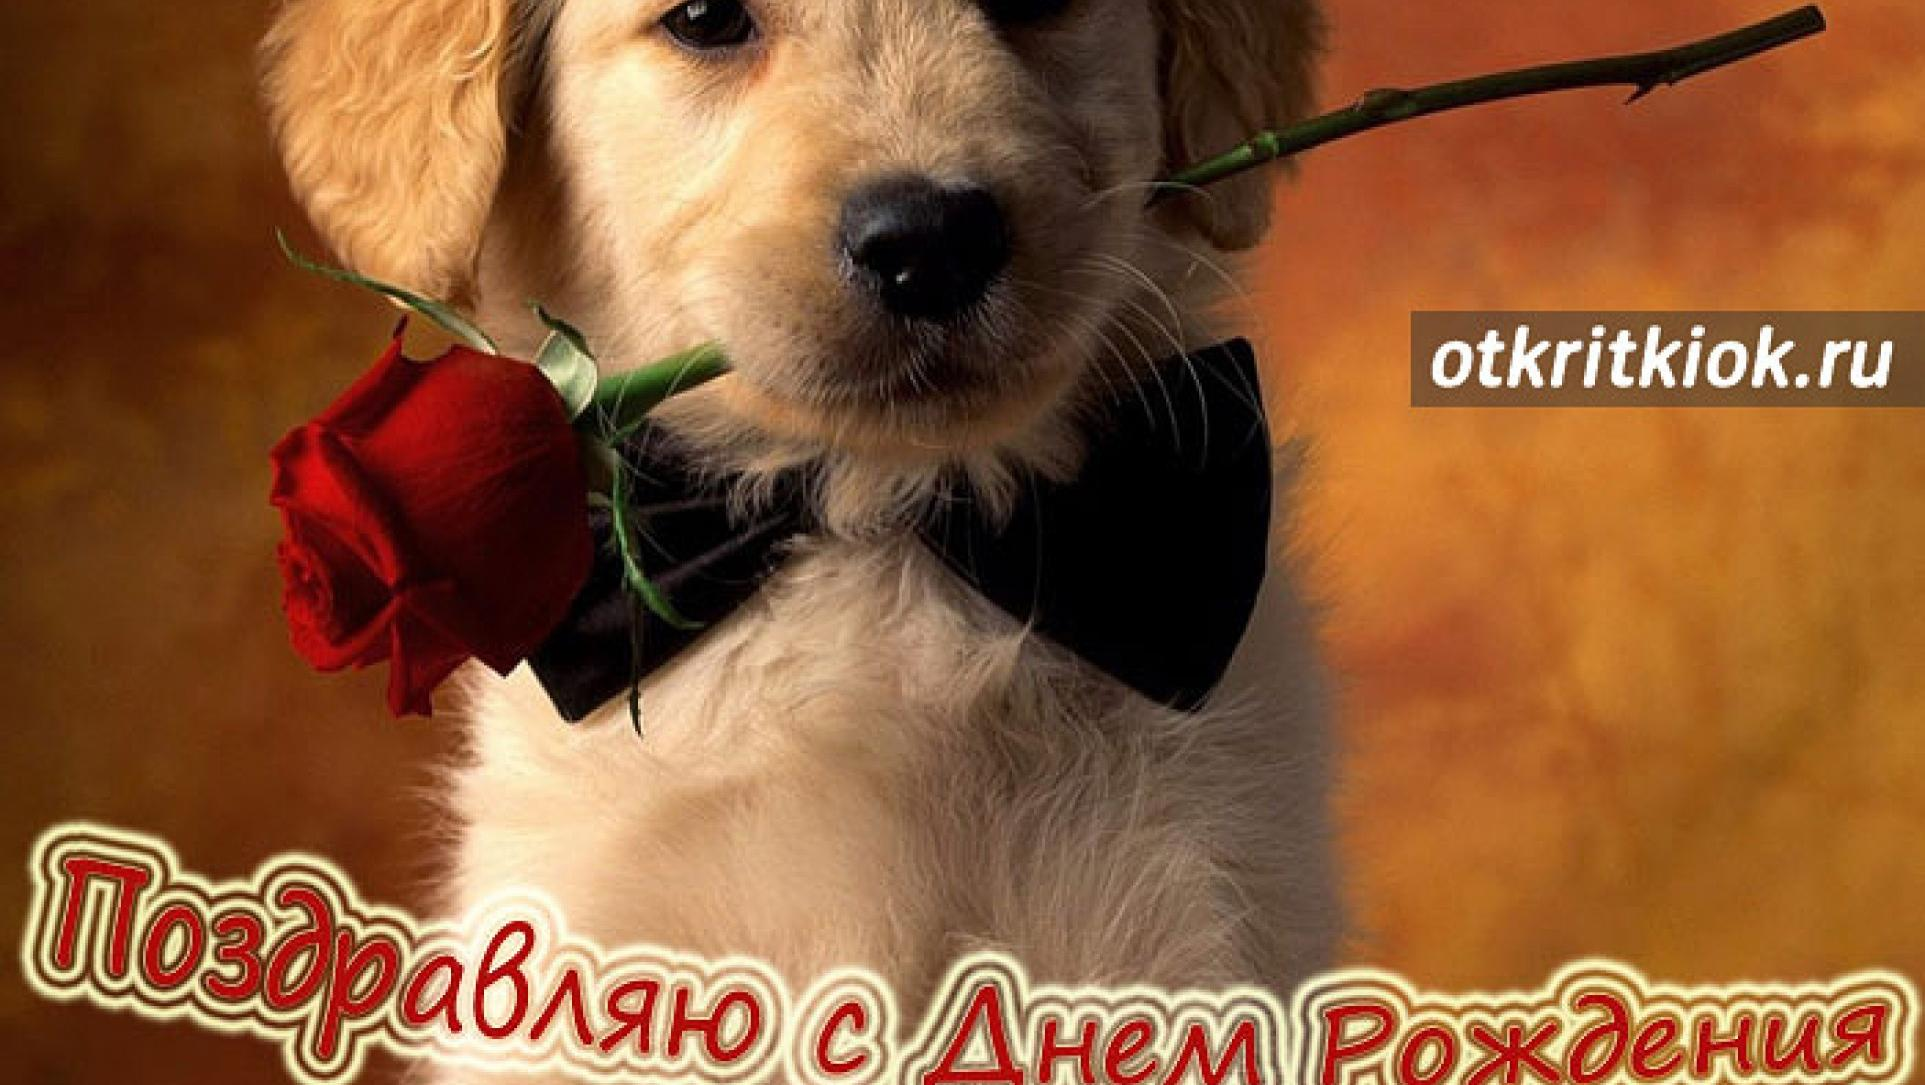 Открытки с днем рождения собаки картинки, имиджевая открытка